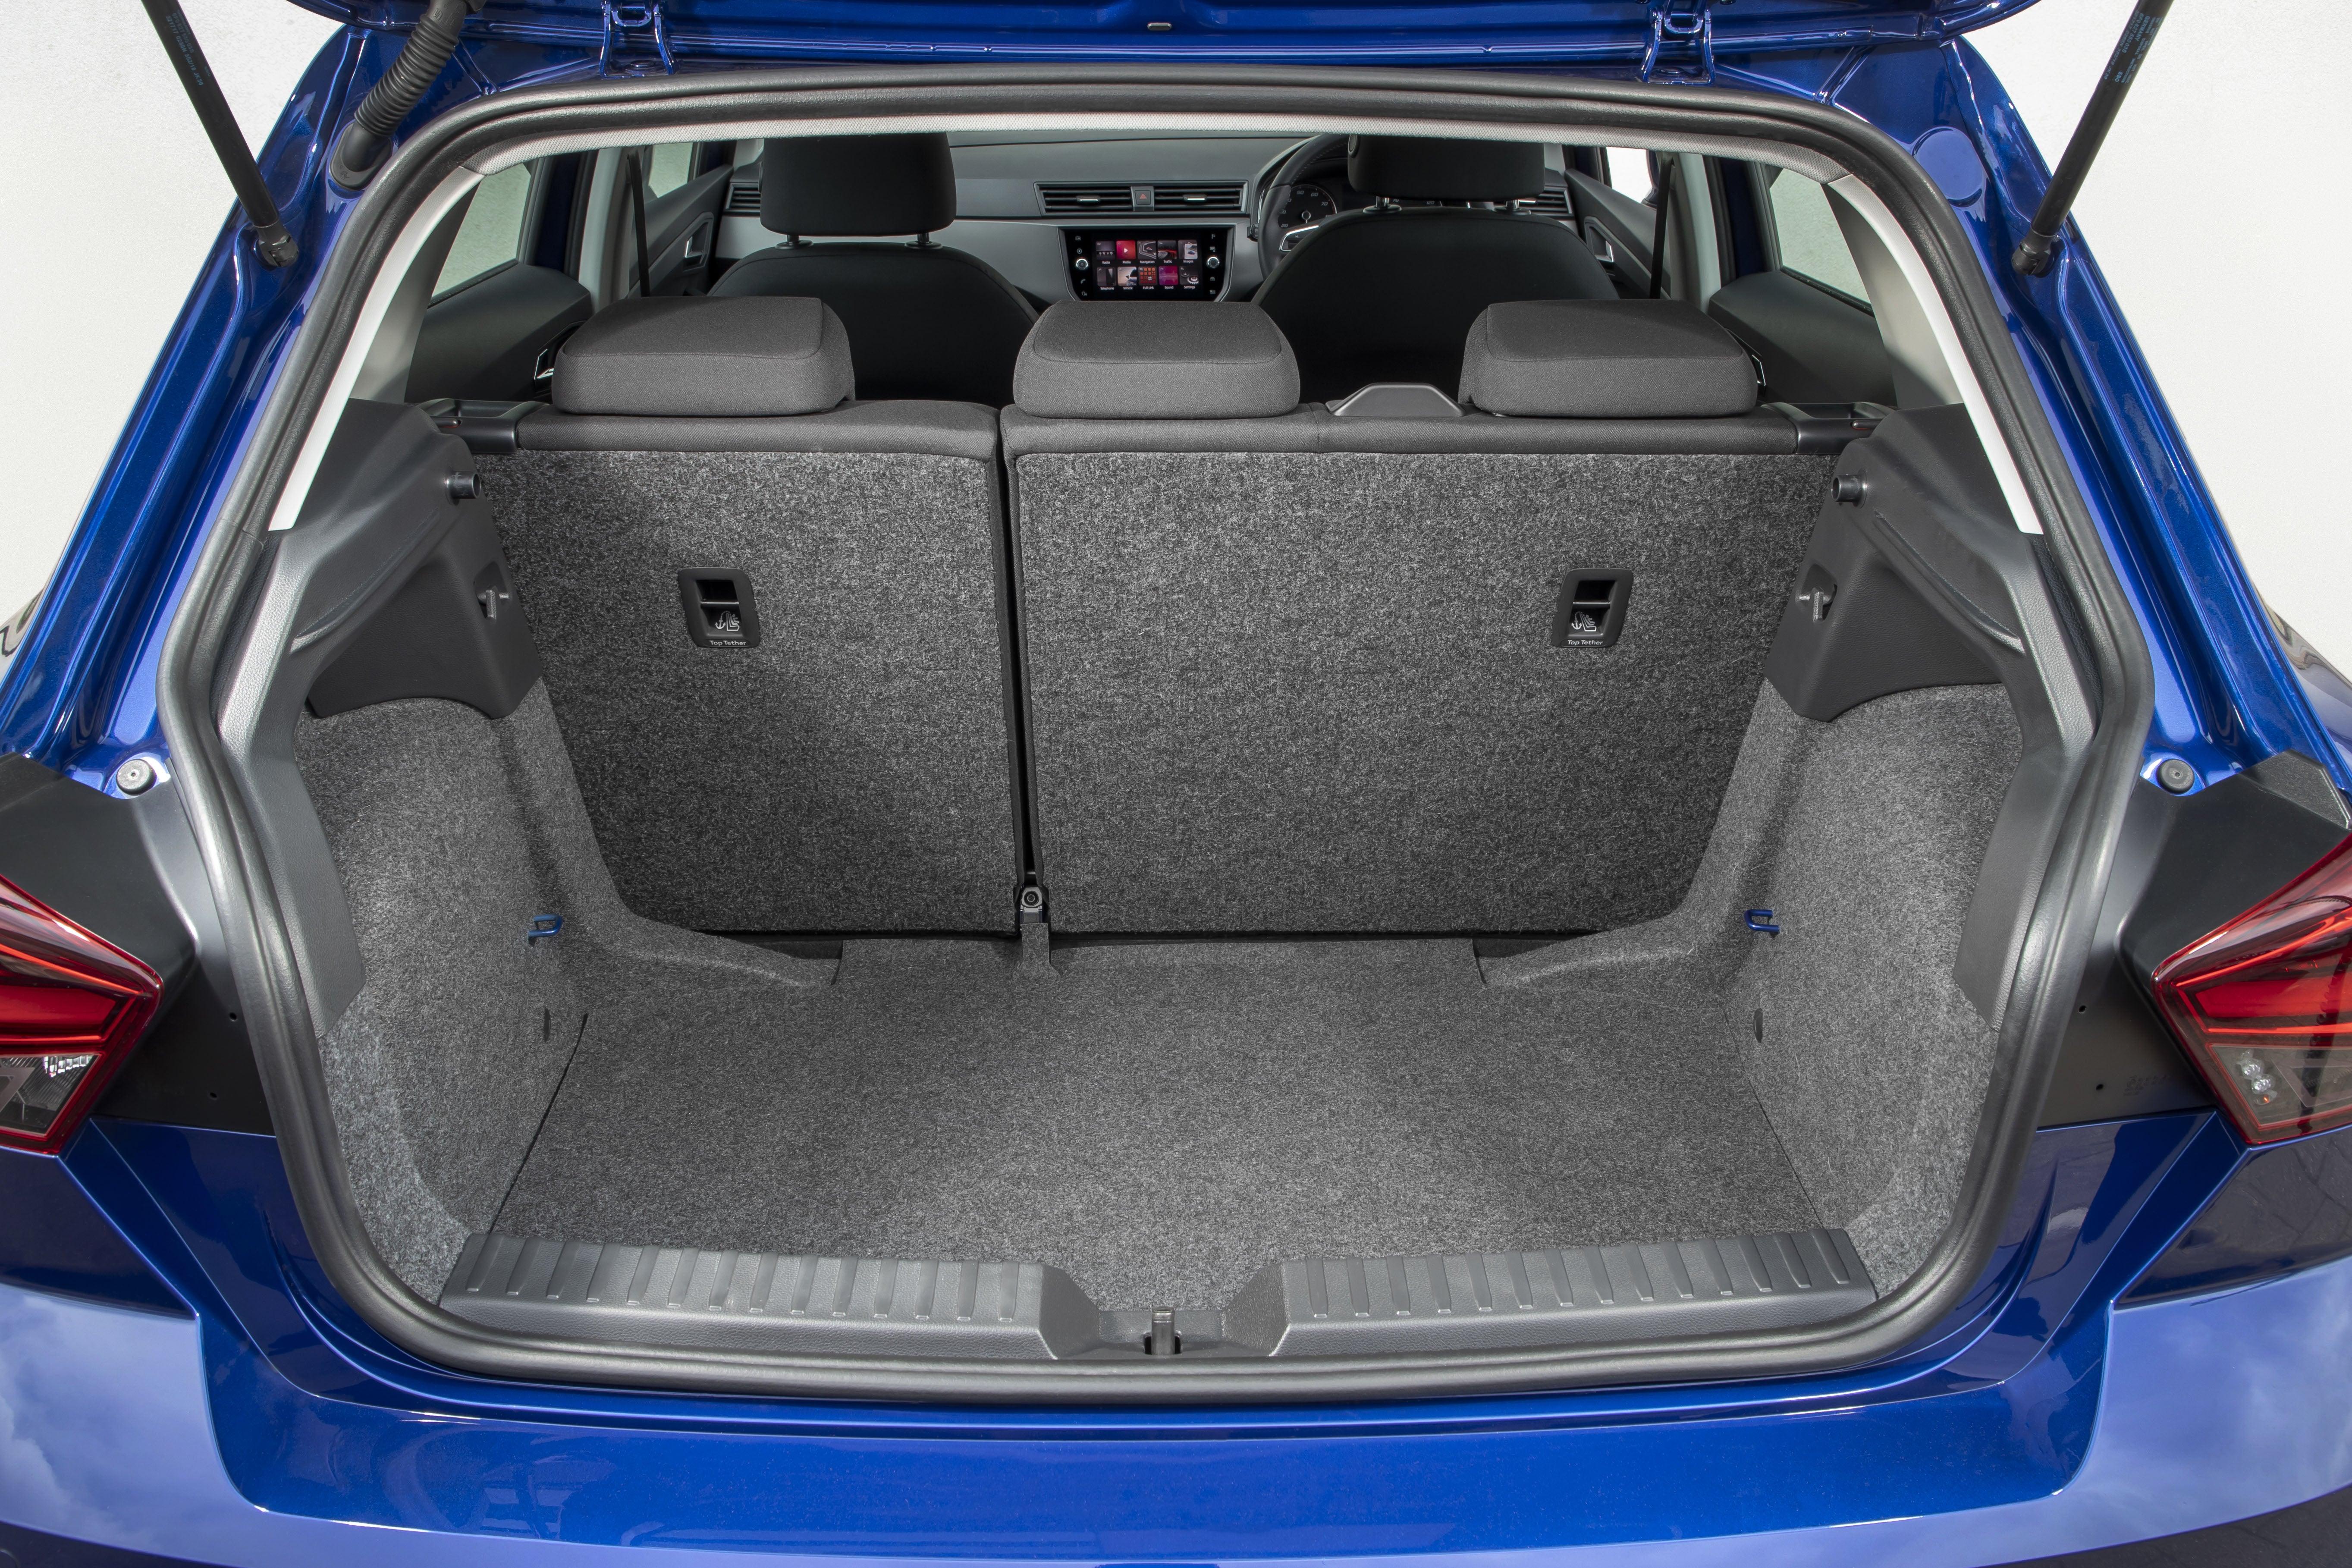 SEAT Ibiza Bootspace